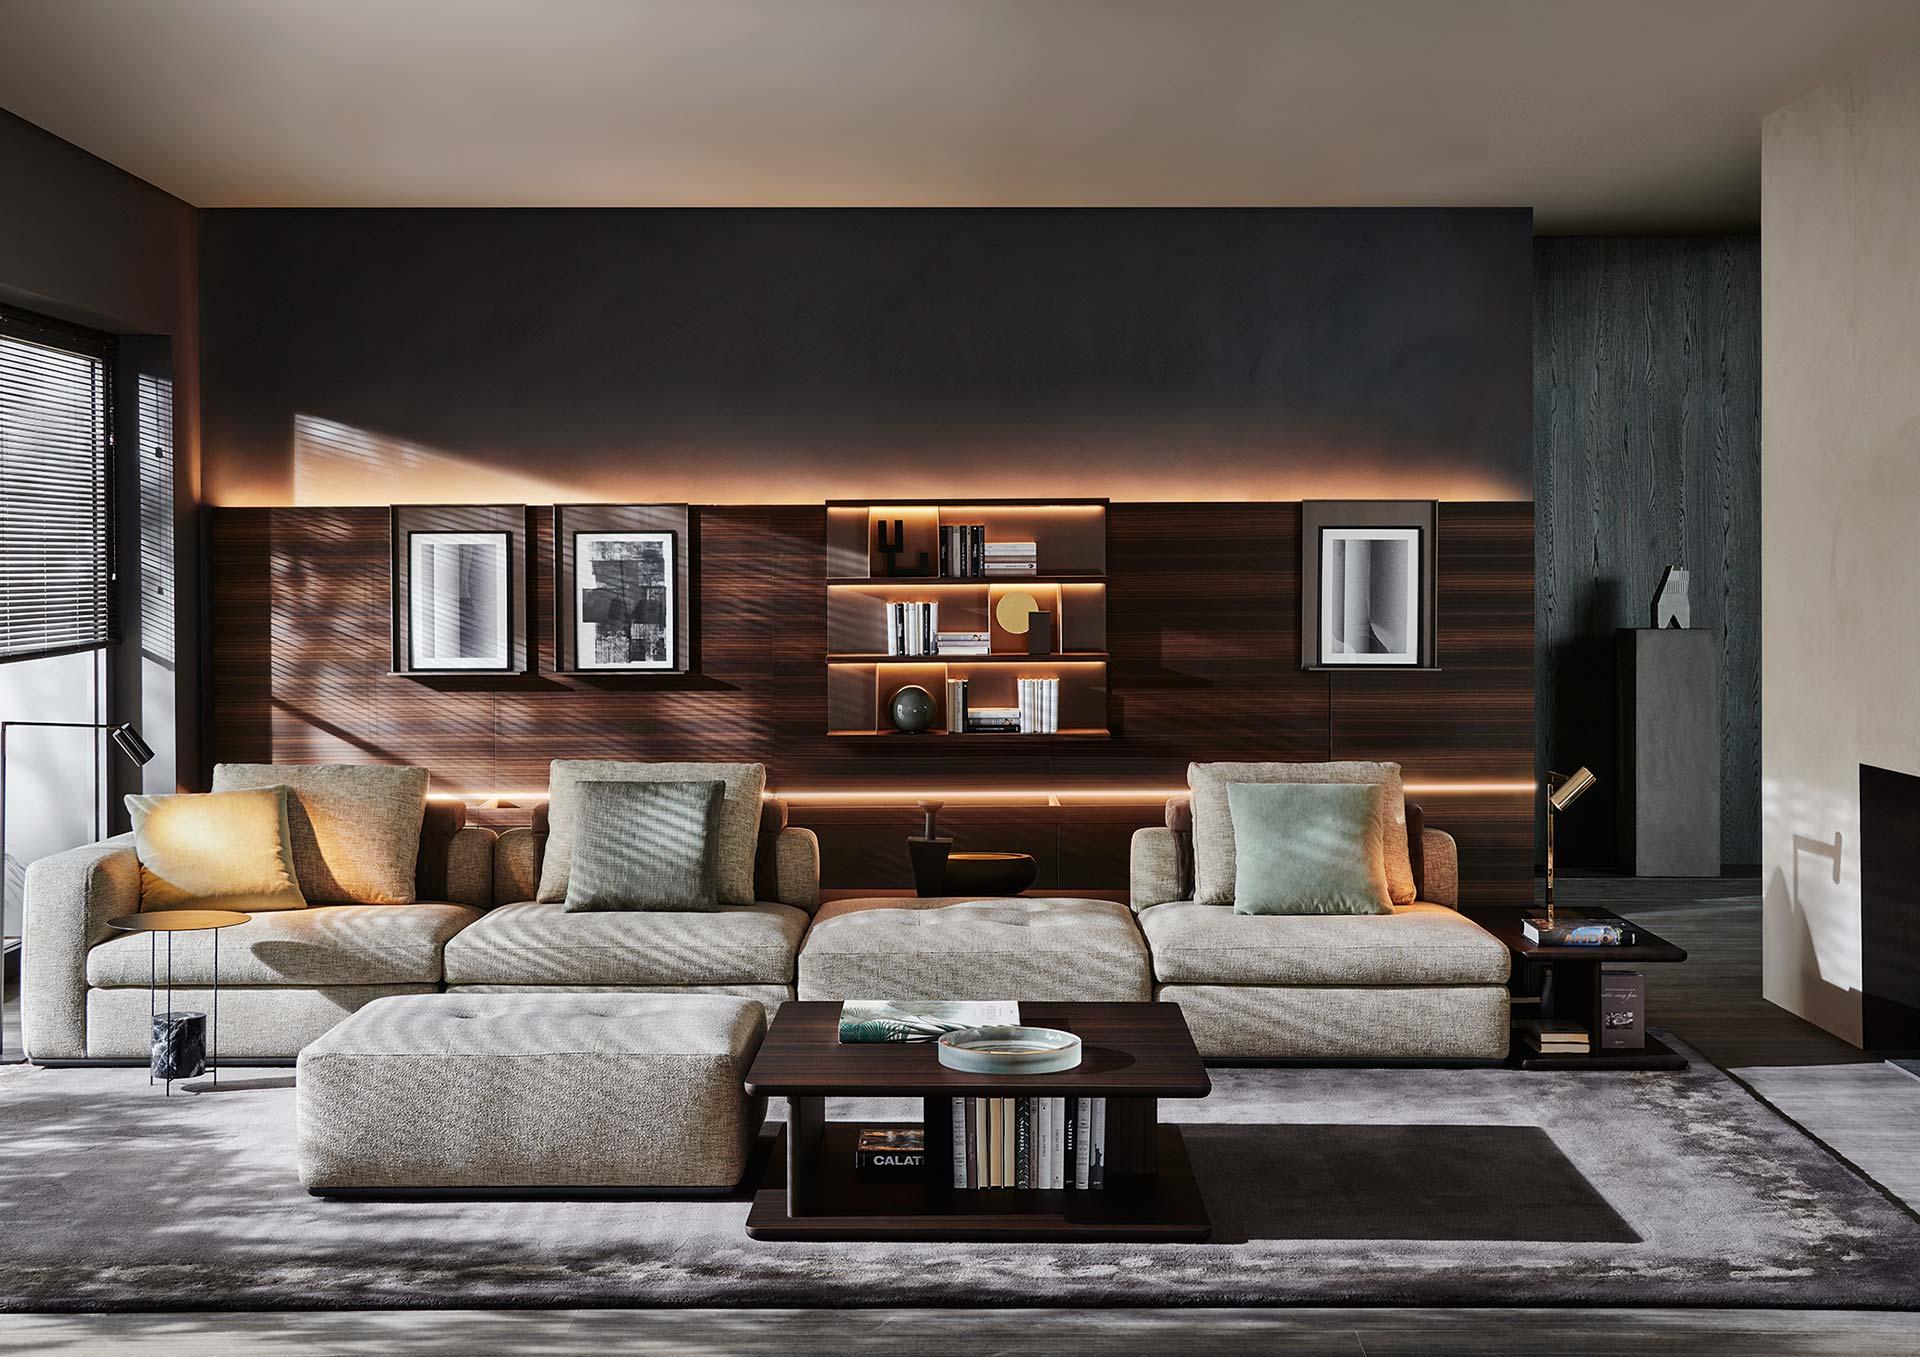 http://interno.es/wp-content/uploads/2018/07/muebles-de-diseño-y-decoracion-en-murcia.jpg